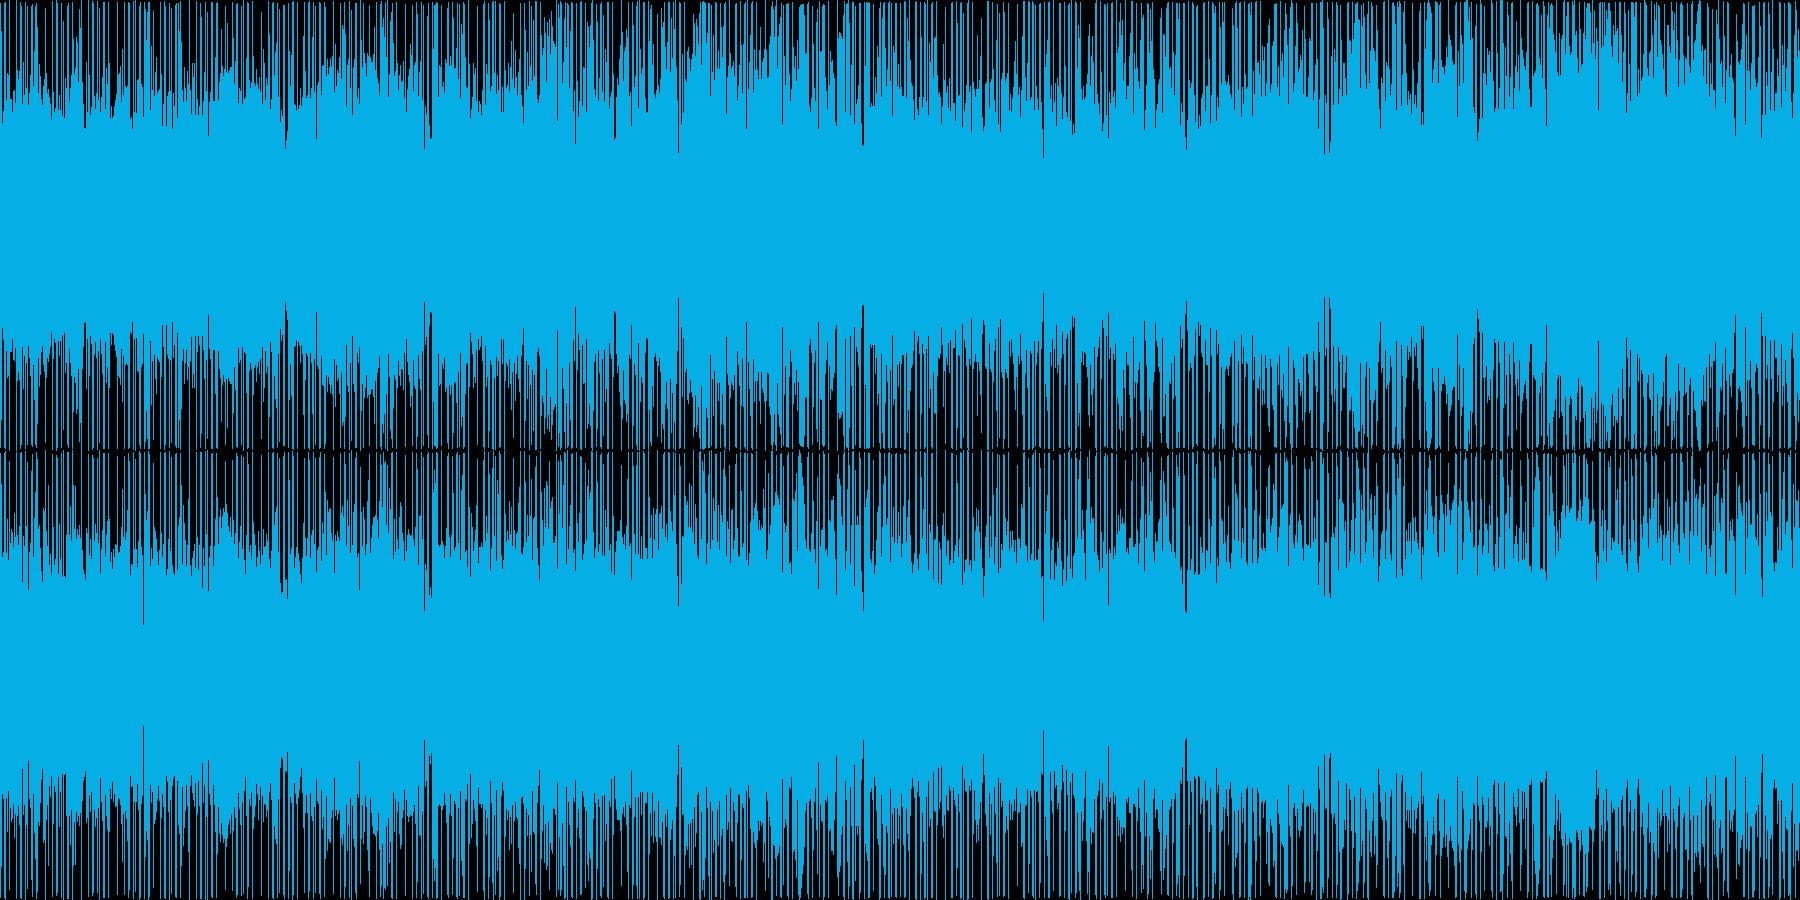 ゲームで使えるクールなチップチューンの再生済みの波形